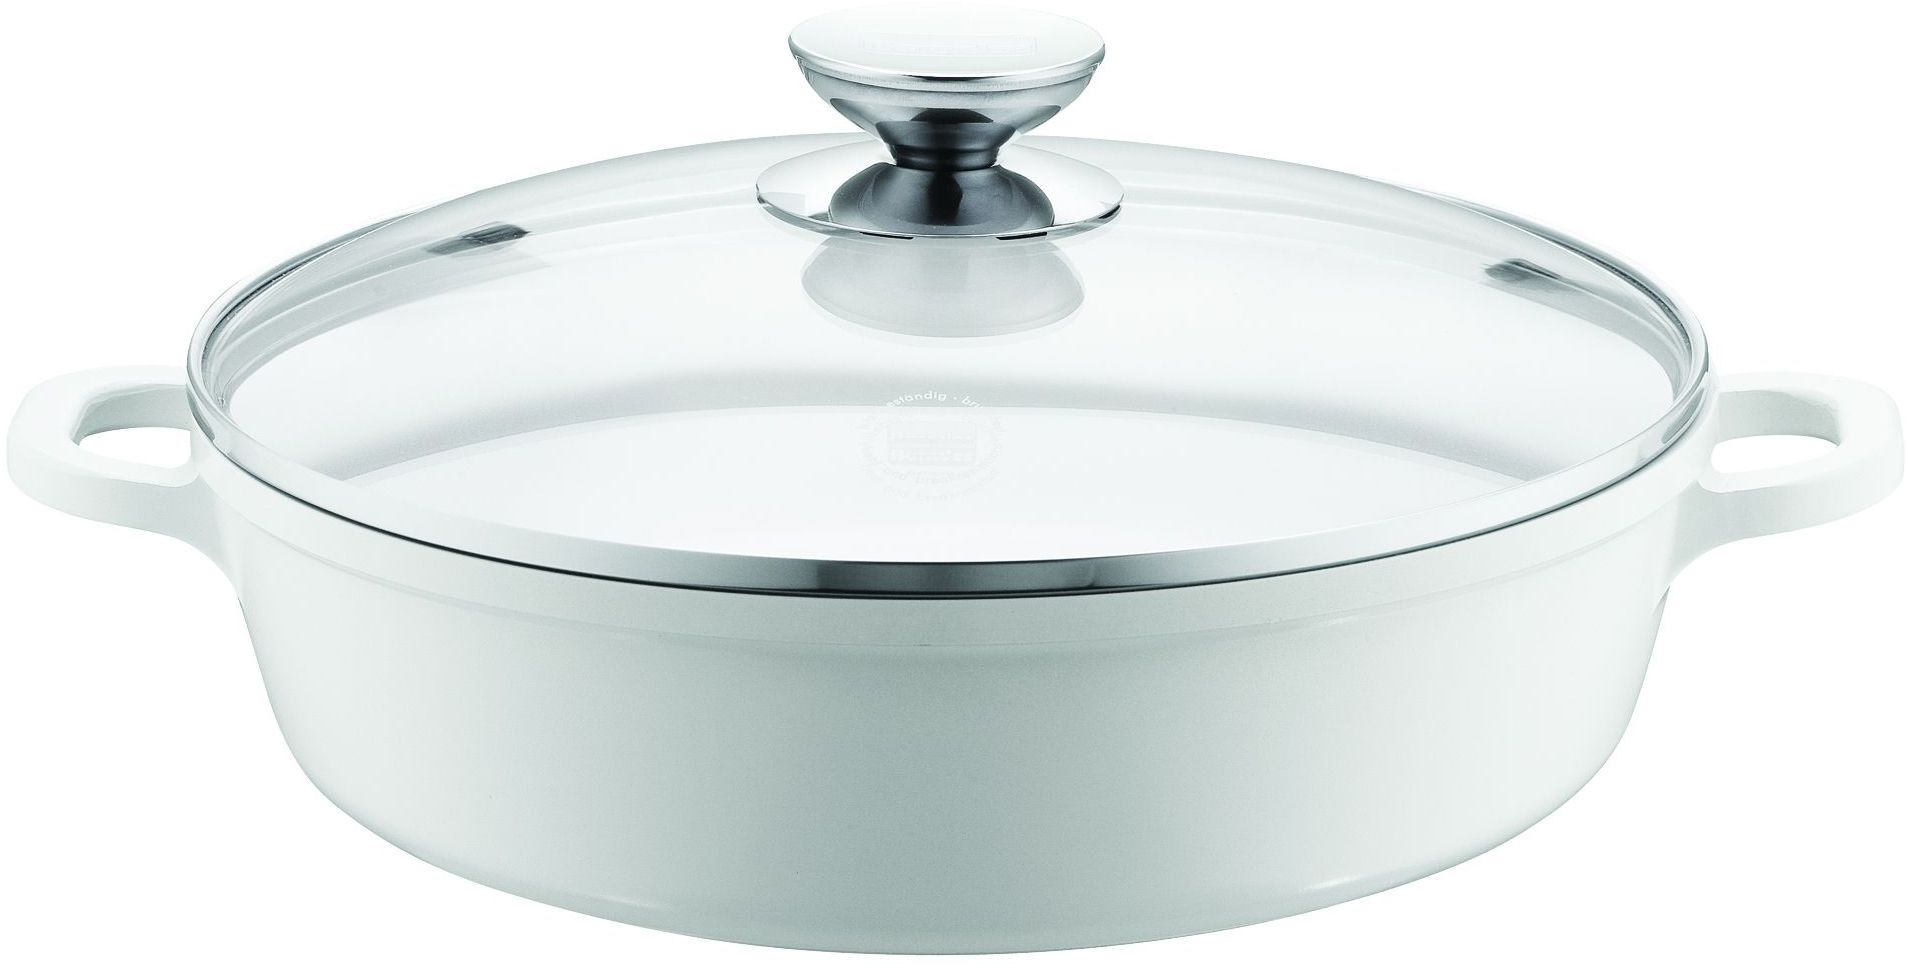 BERNDES Berndes Schmorkasserolle mit Glasdeckel, Aluguss, Induktion, 32 cm, »VARIO CLICK INDUCTION WHITE«